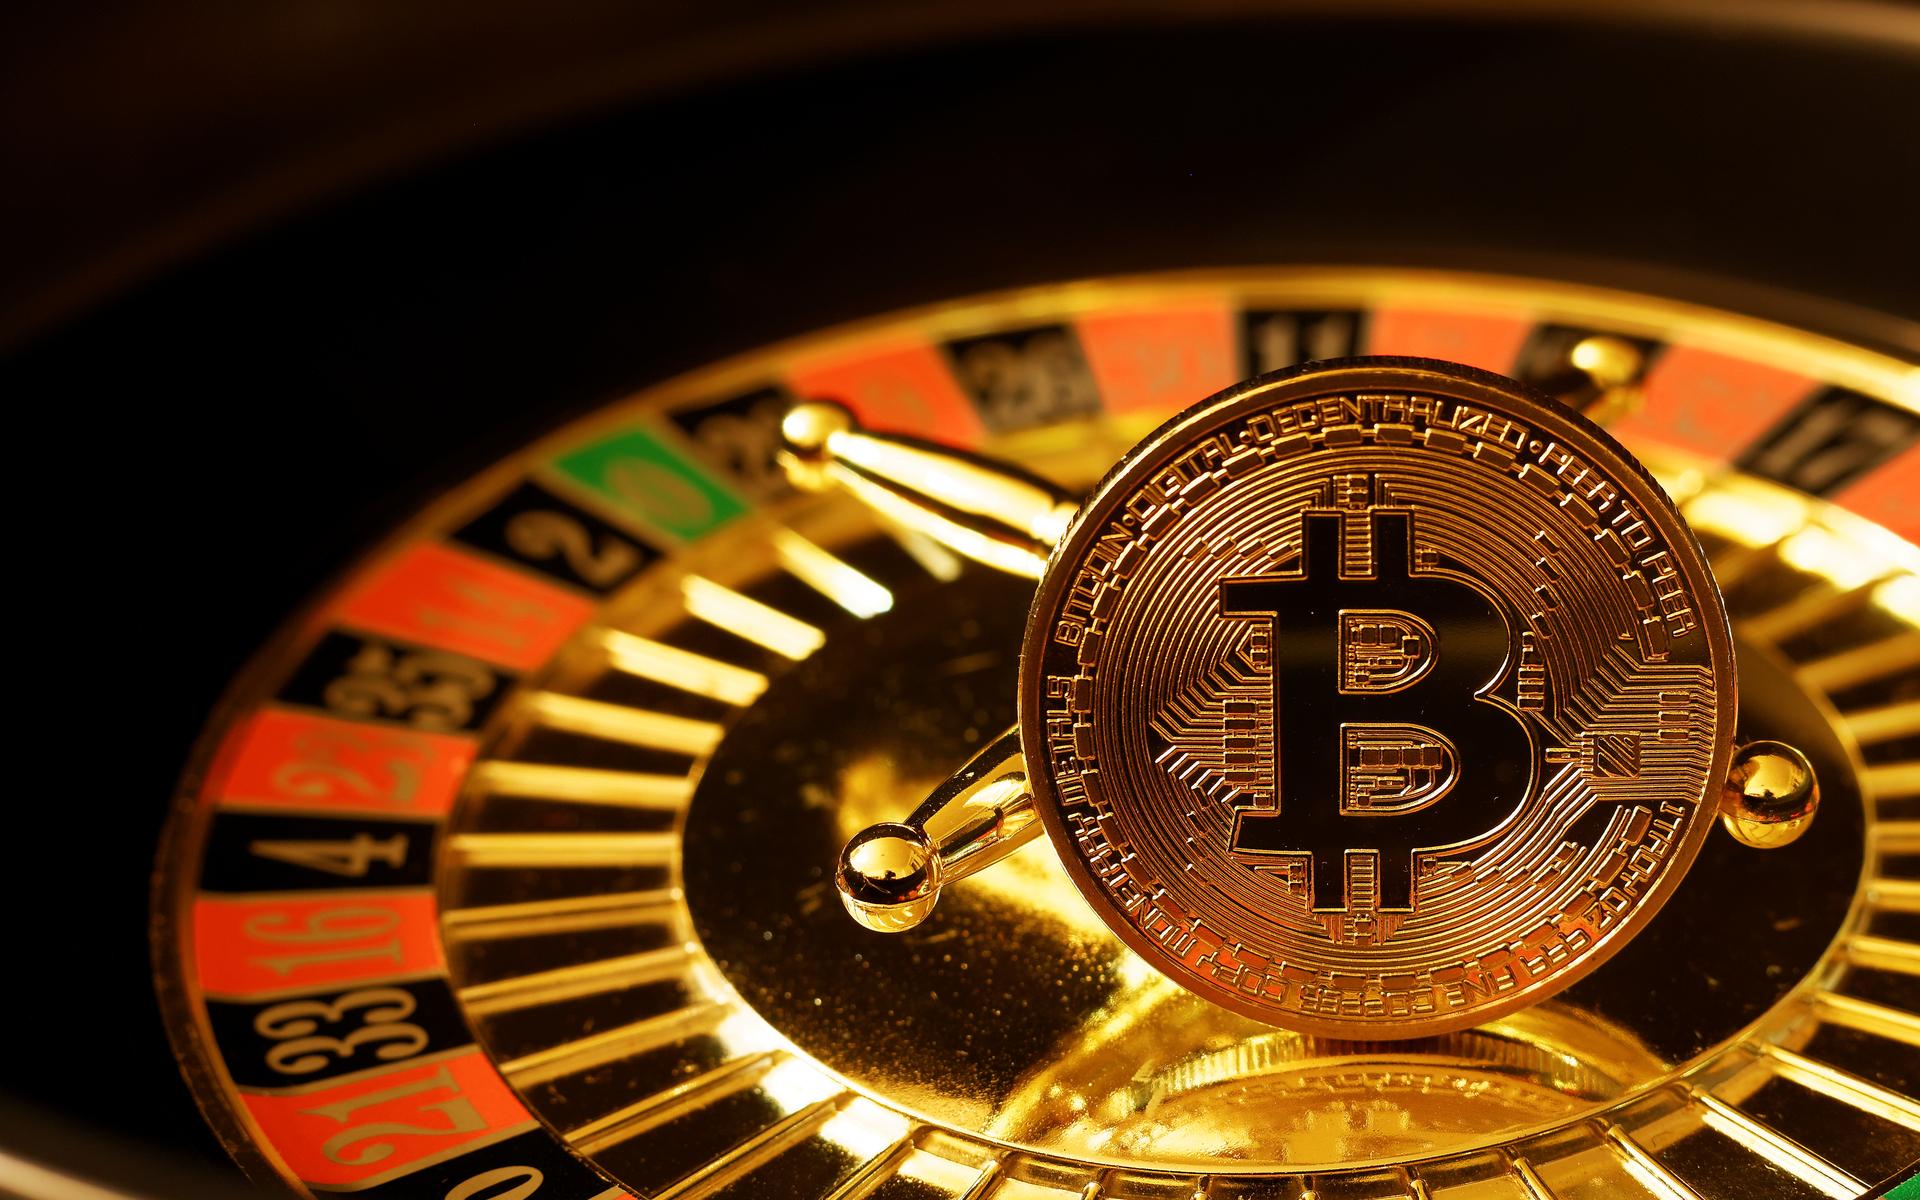 unde puteți stoca Bitcoin strategii de tranzacționare cu semnale